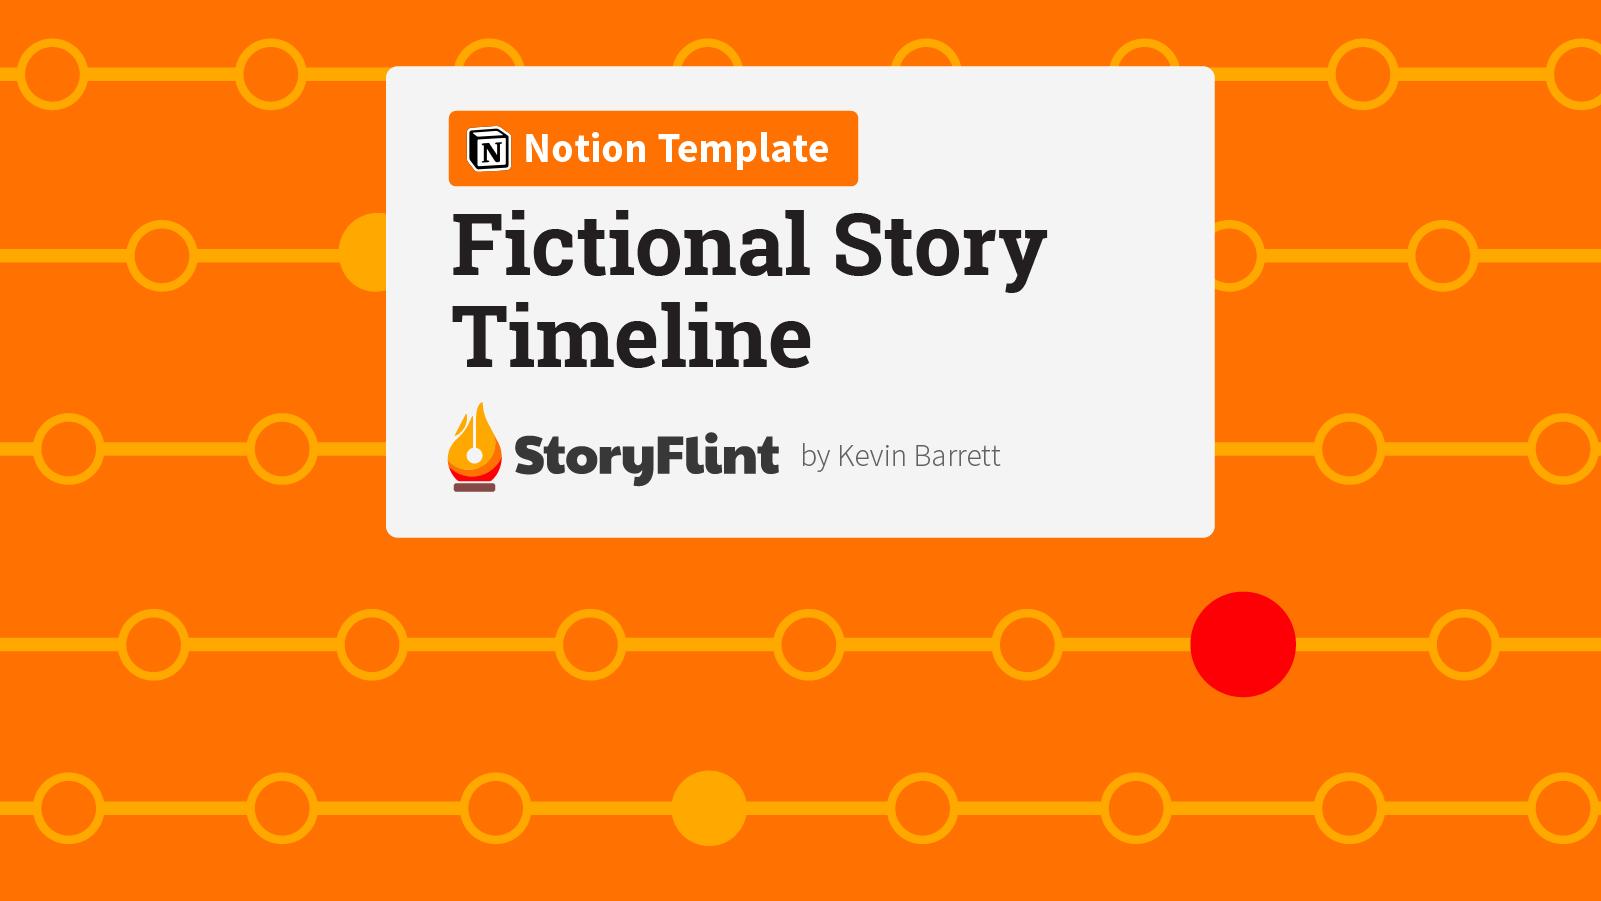 Fictional Story Timeline | A StoryFlint Notion Template